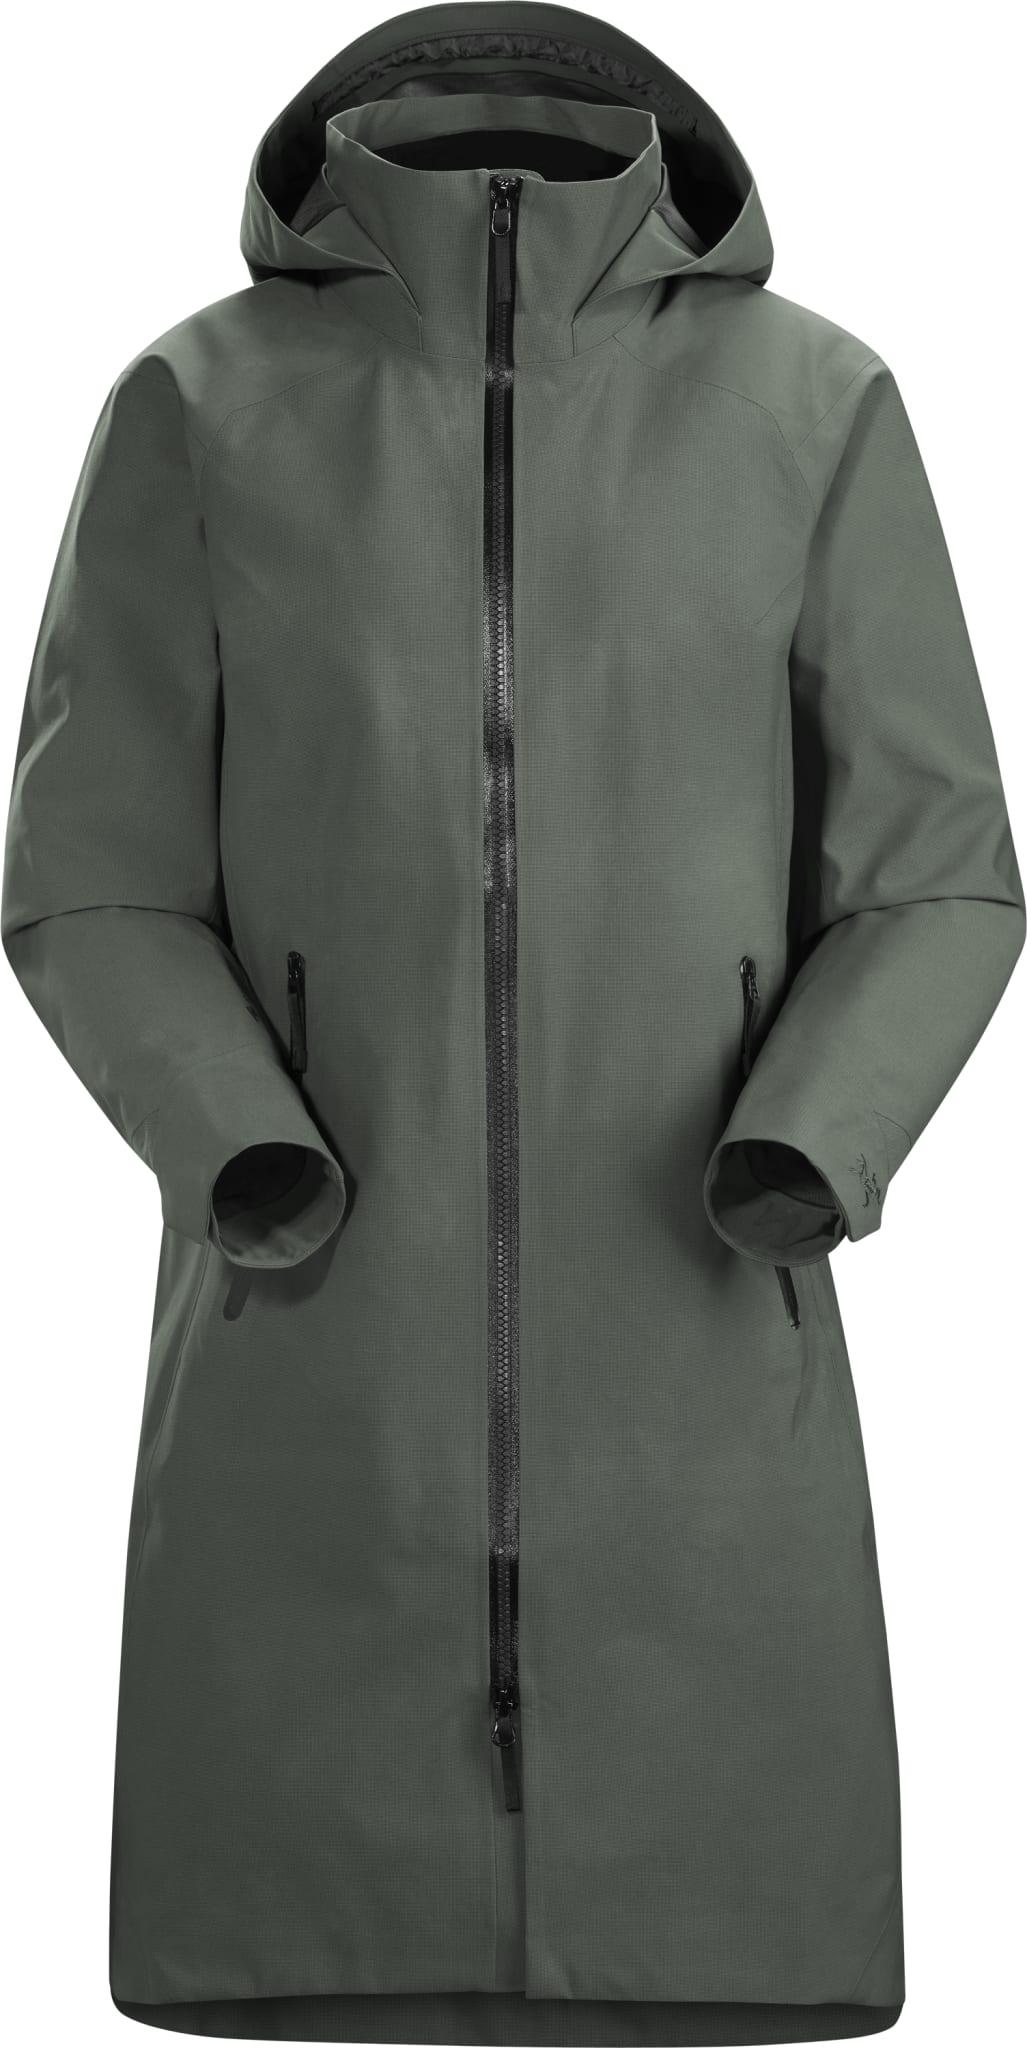 Urban frakk i knelengde med GORE-TEX